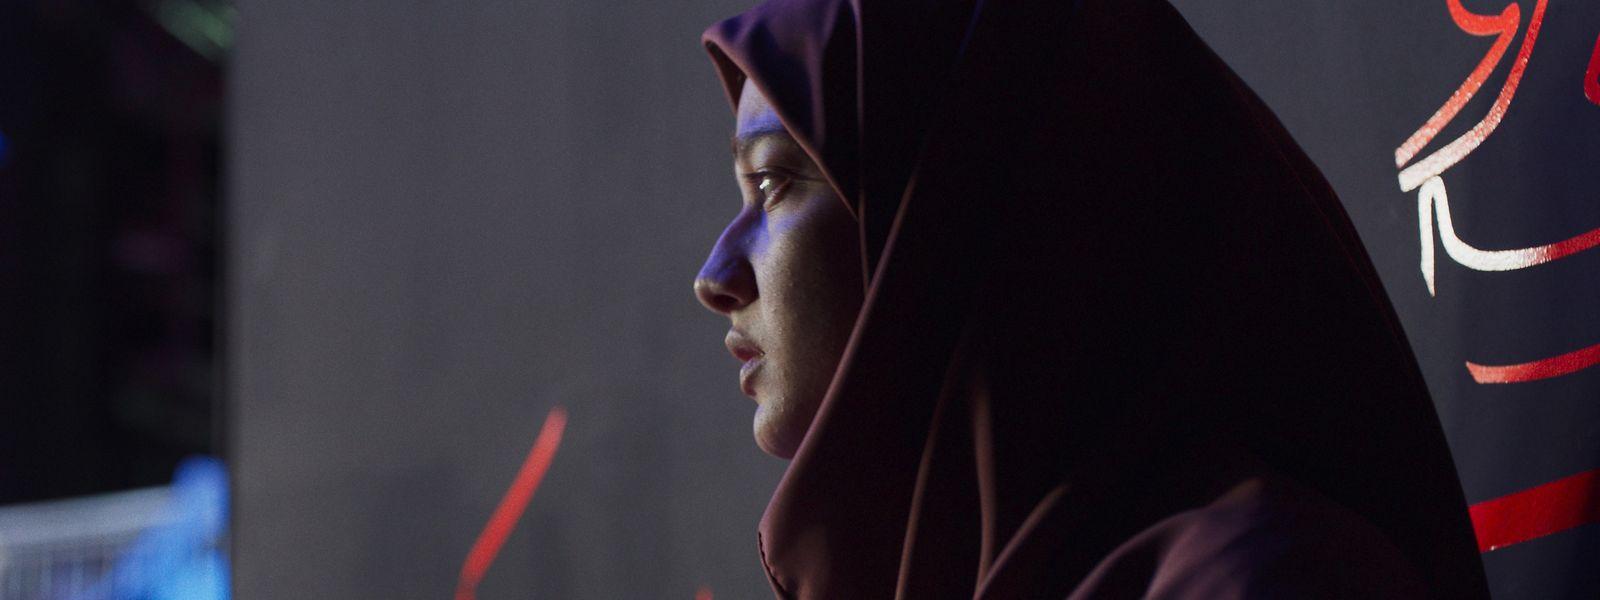 «Yalda, la nuit du pardon» sera présenté en première européenne le 23 février dans la série de compétitions «Generation 14plus» à la prochaine Berlinale.